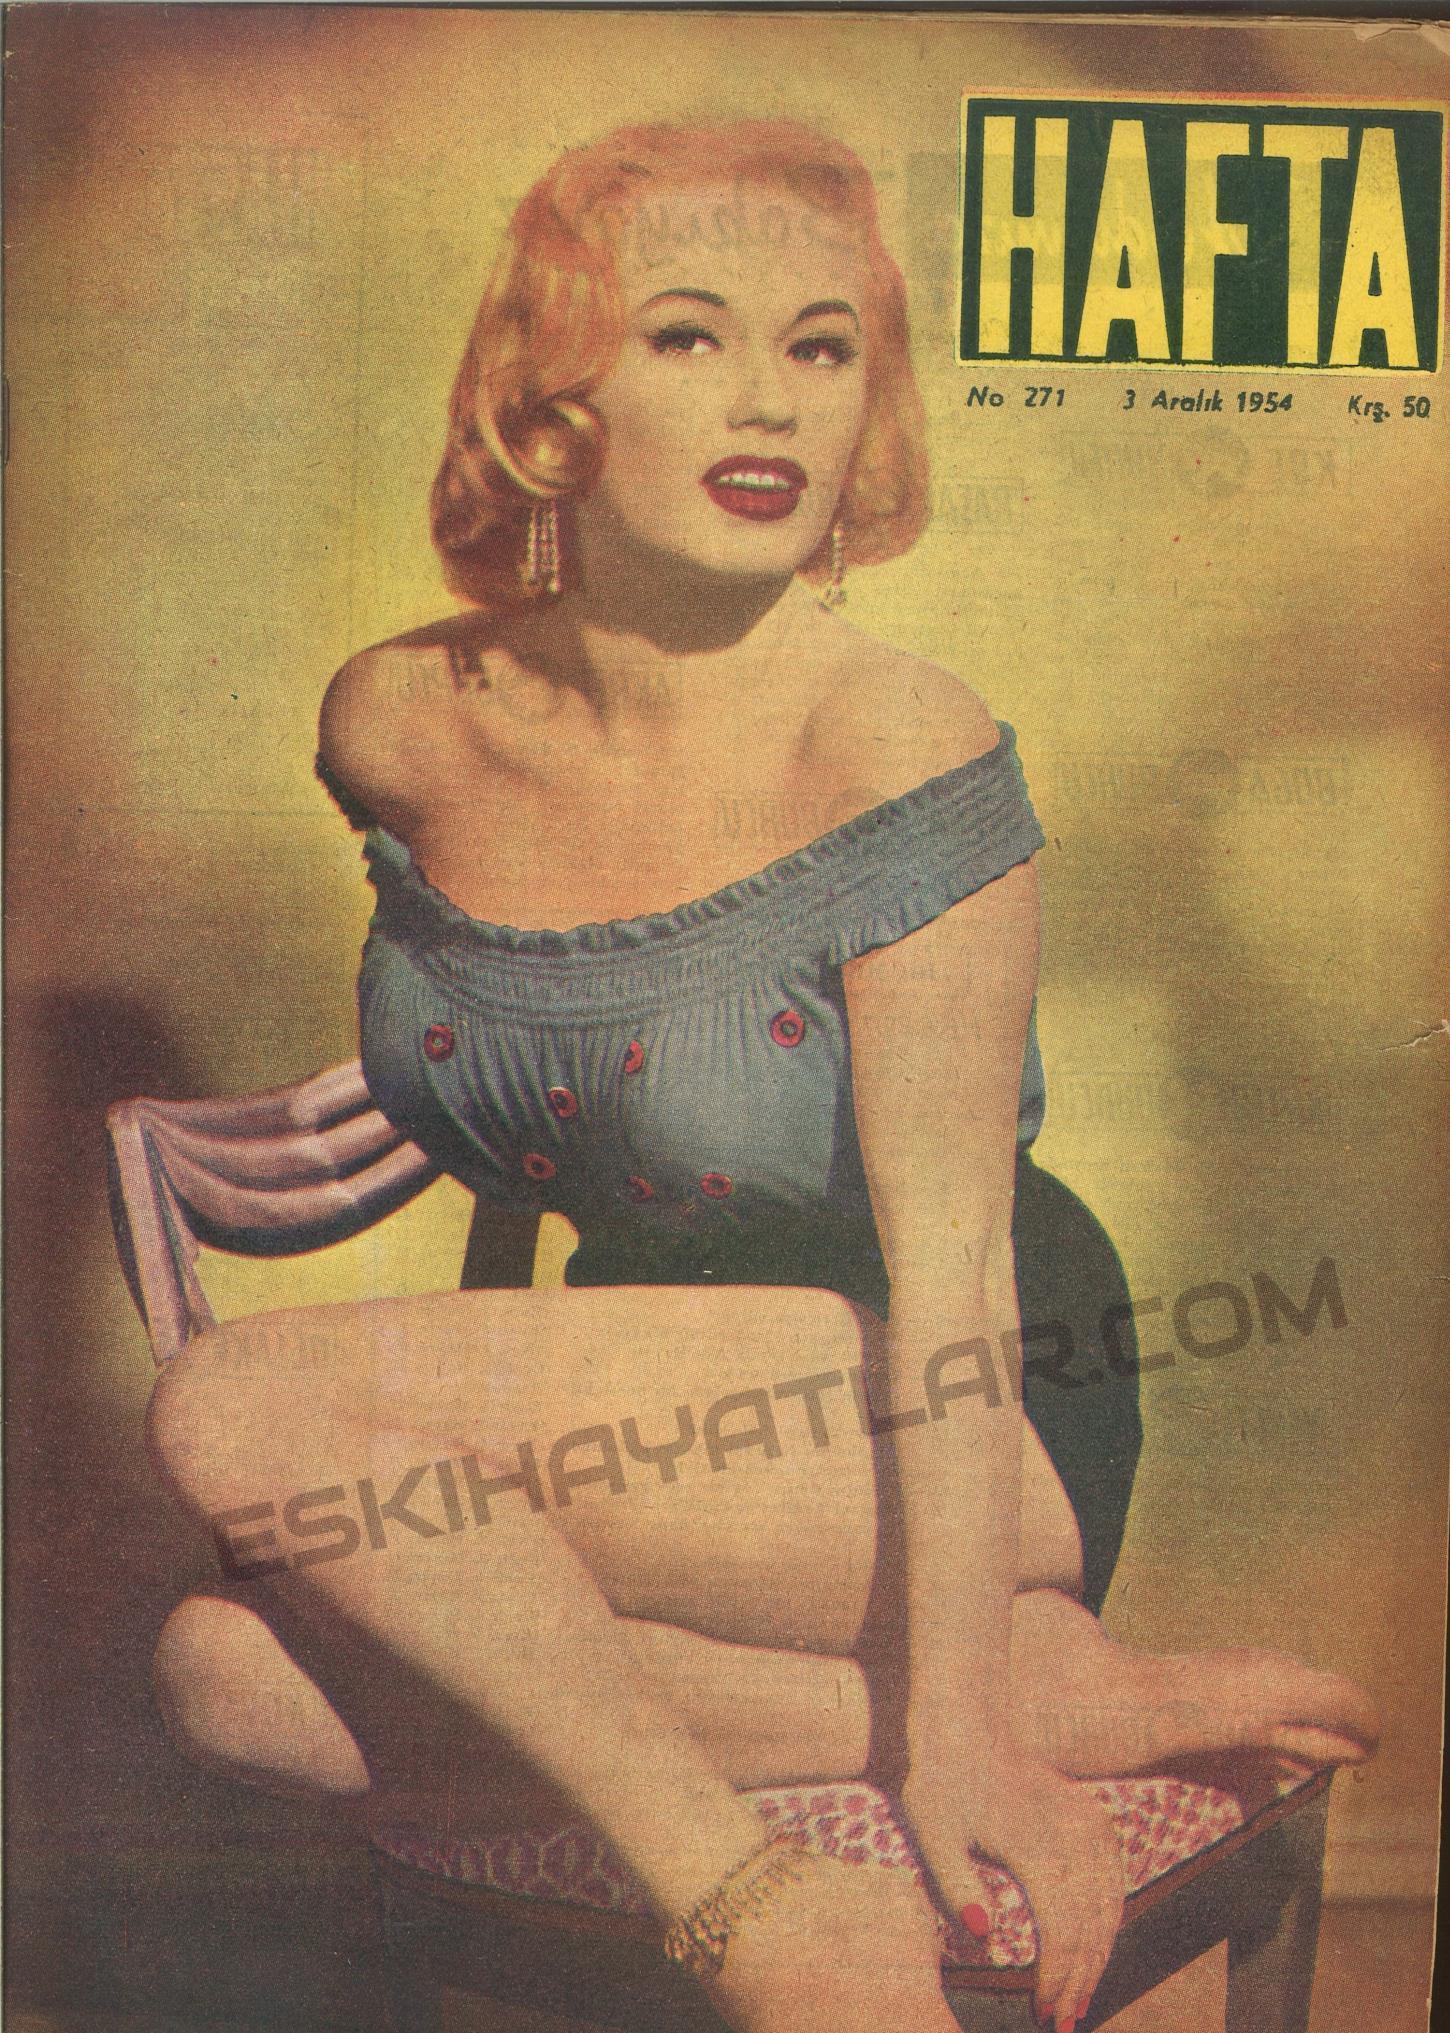 turkiye-nin-ilk-cift-cinsiyetli-insani-hafta-dergisi-1954-arsivi (5)